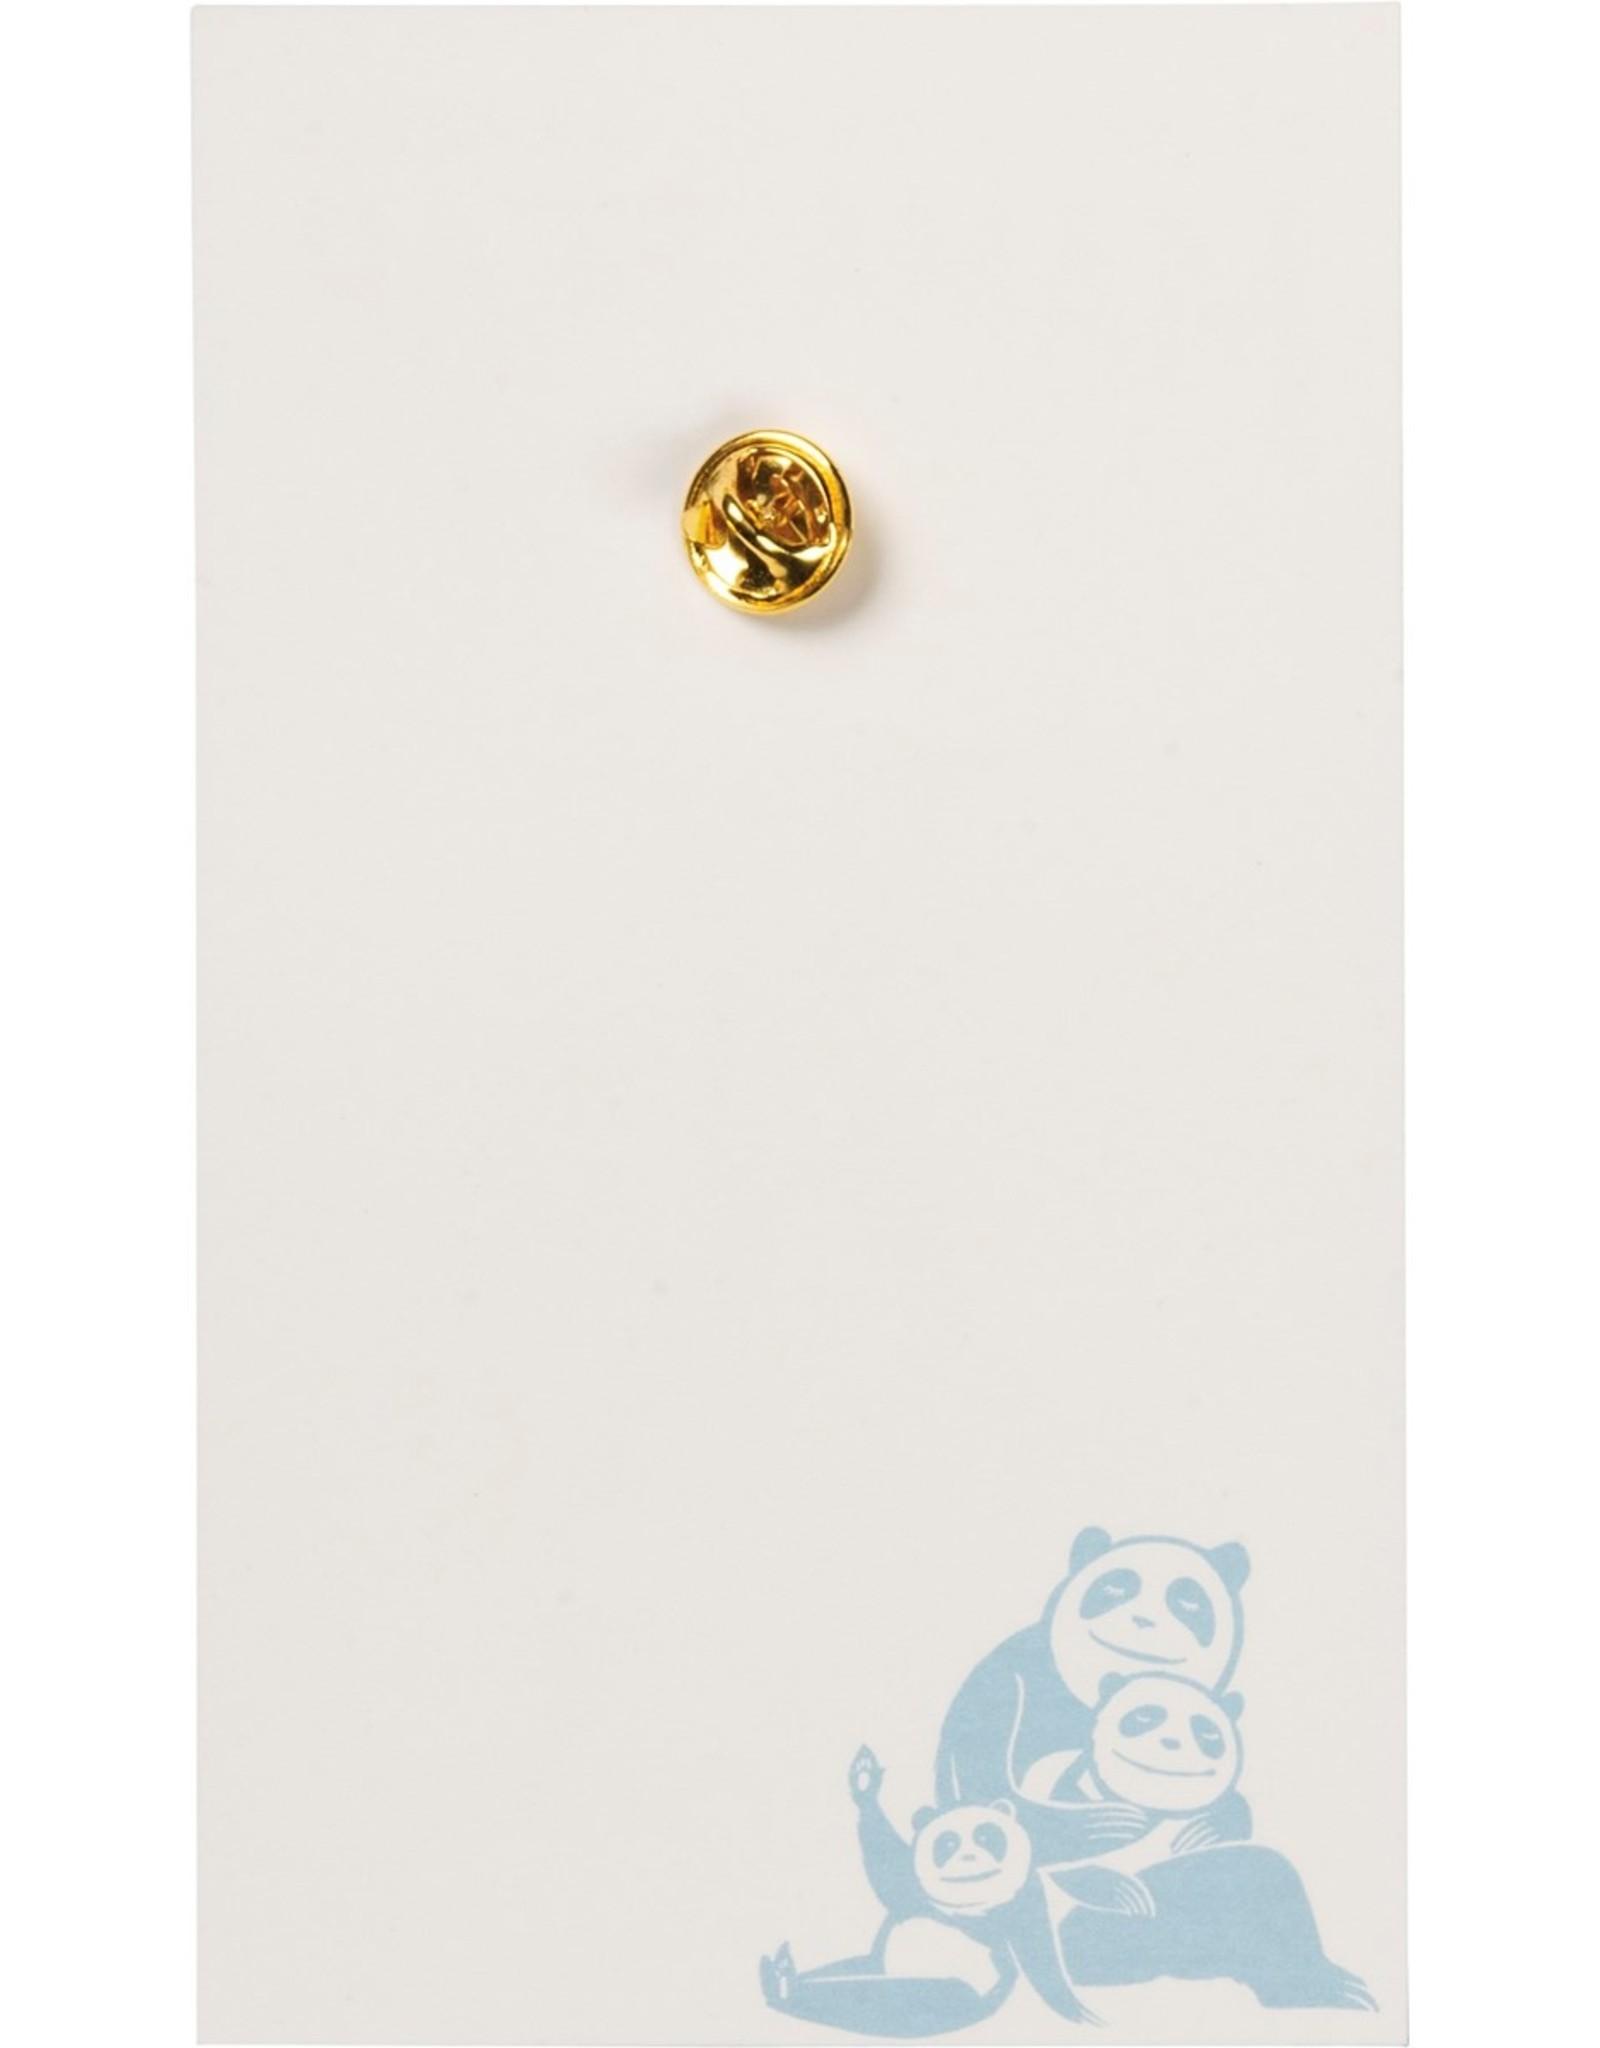 Mama (Panda) Bear Enamel Pin